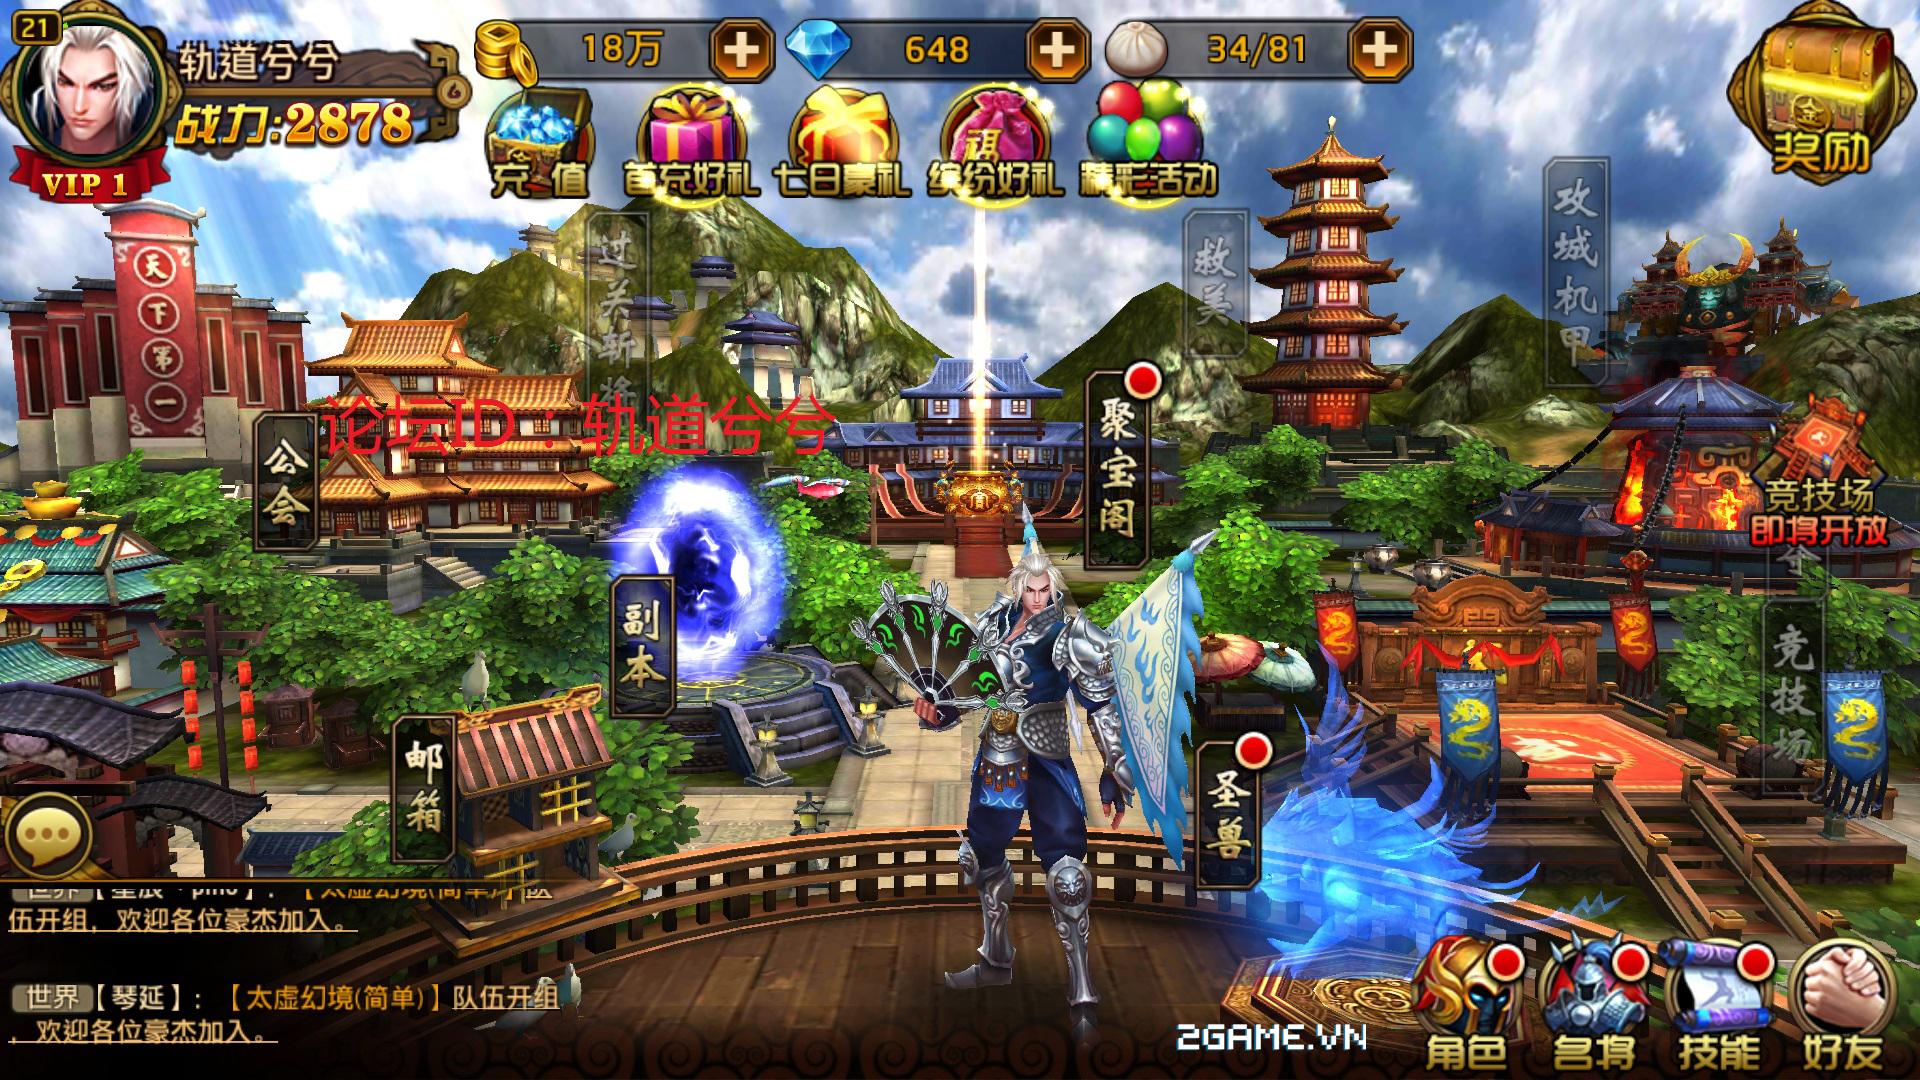 Đao Phong Vô Song 3D sắp được VTC ra mắt tại Việt Nam 0